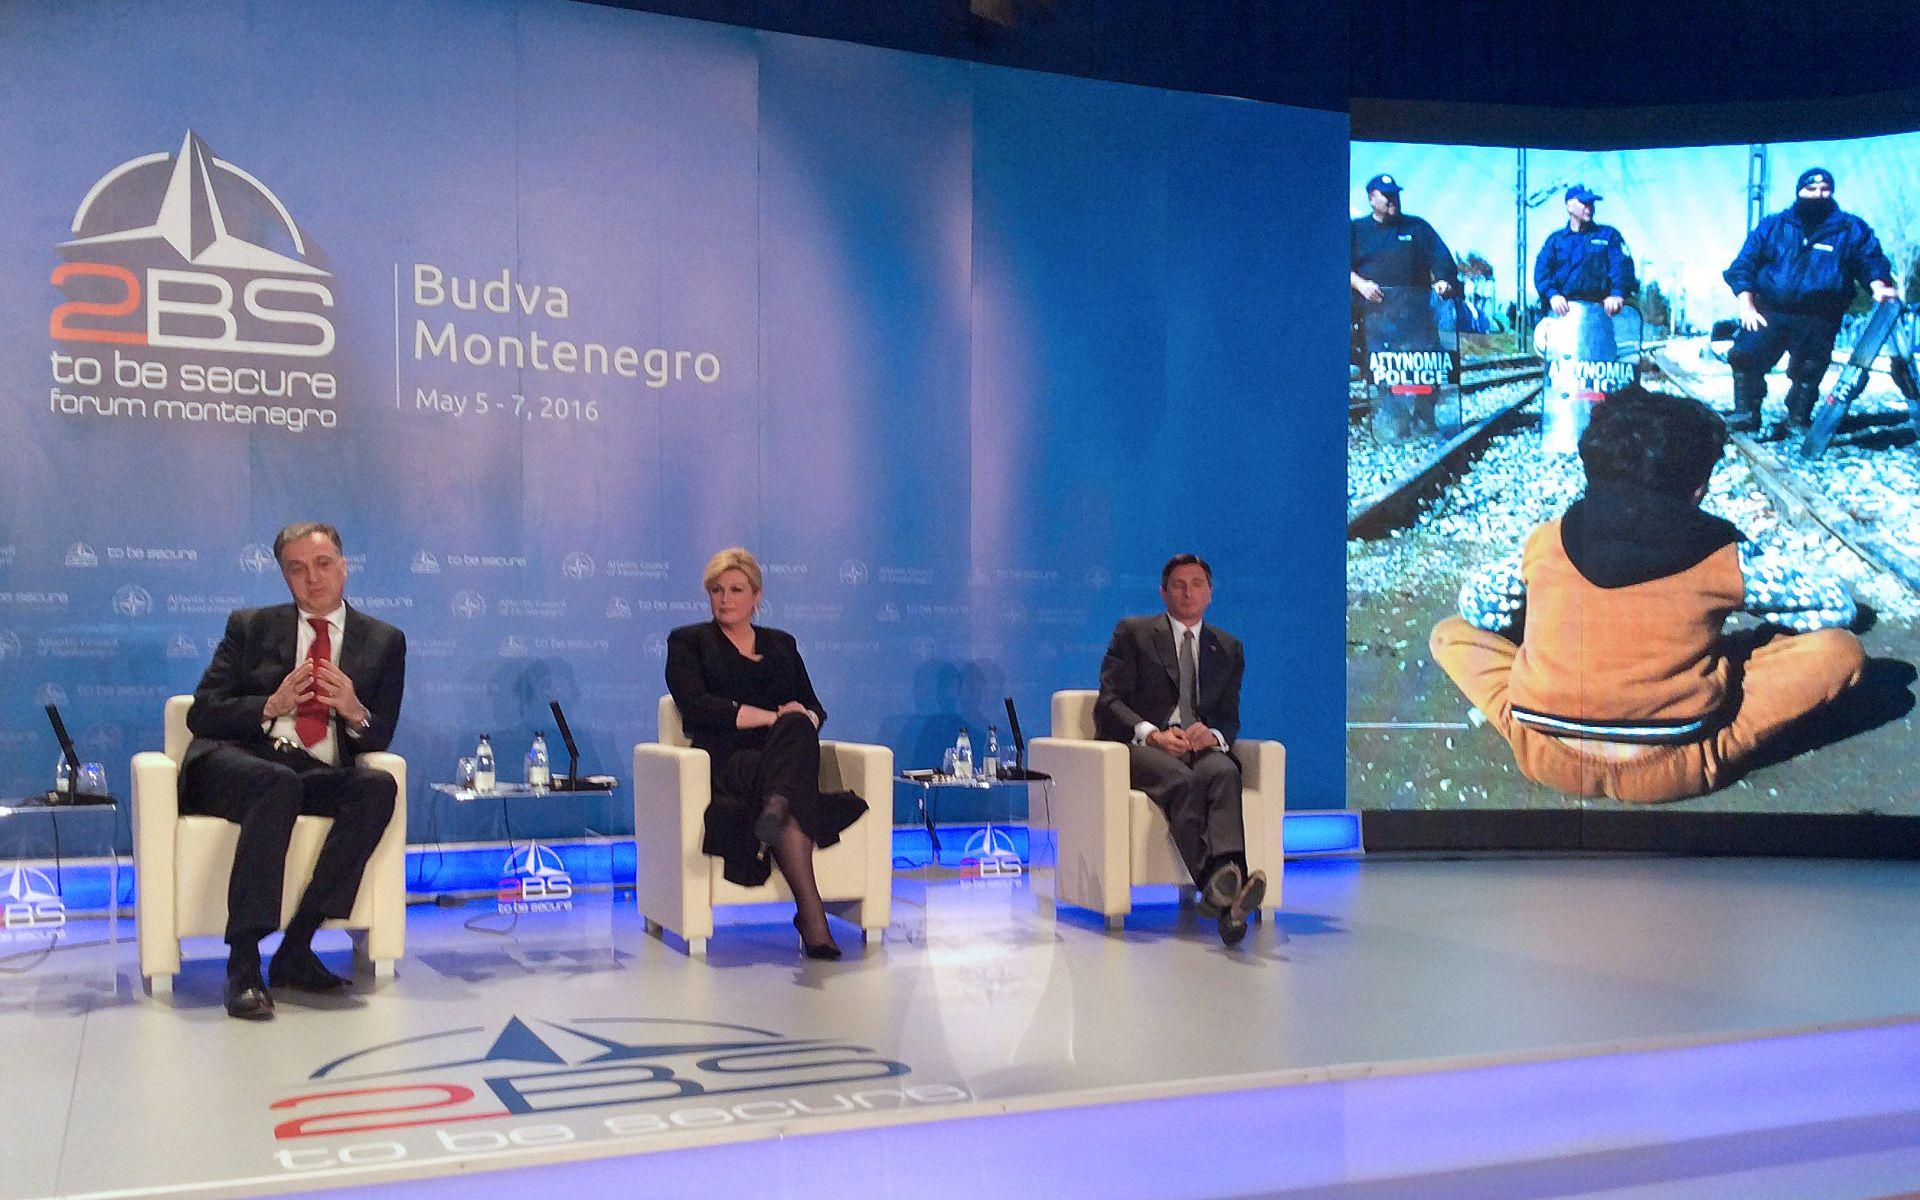 Grabar-Kitarović u subotu na 2BS Forumu u Budvi